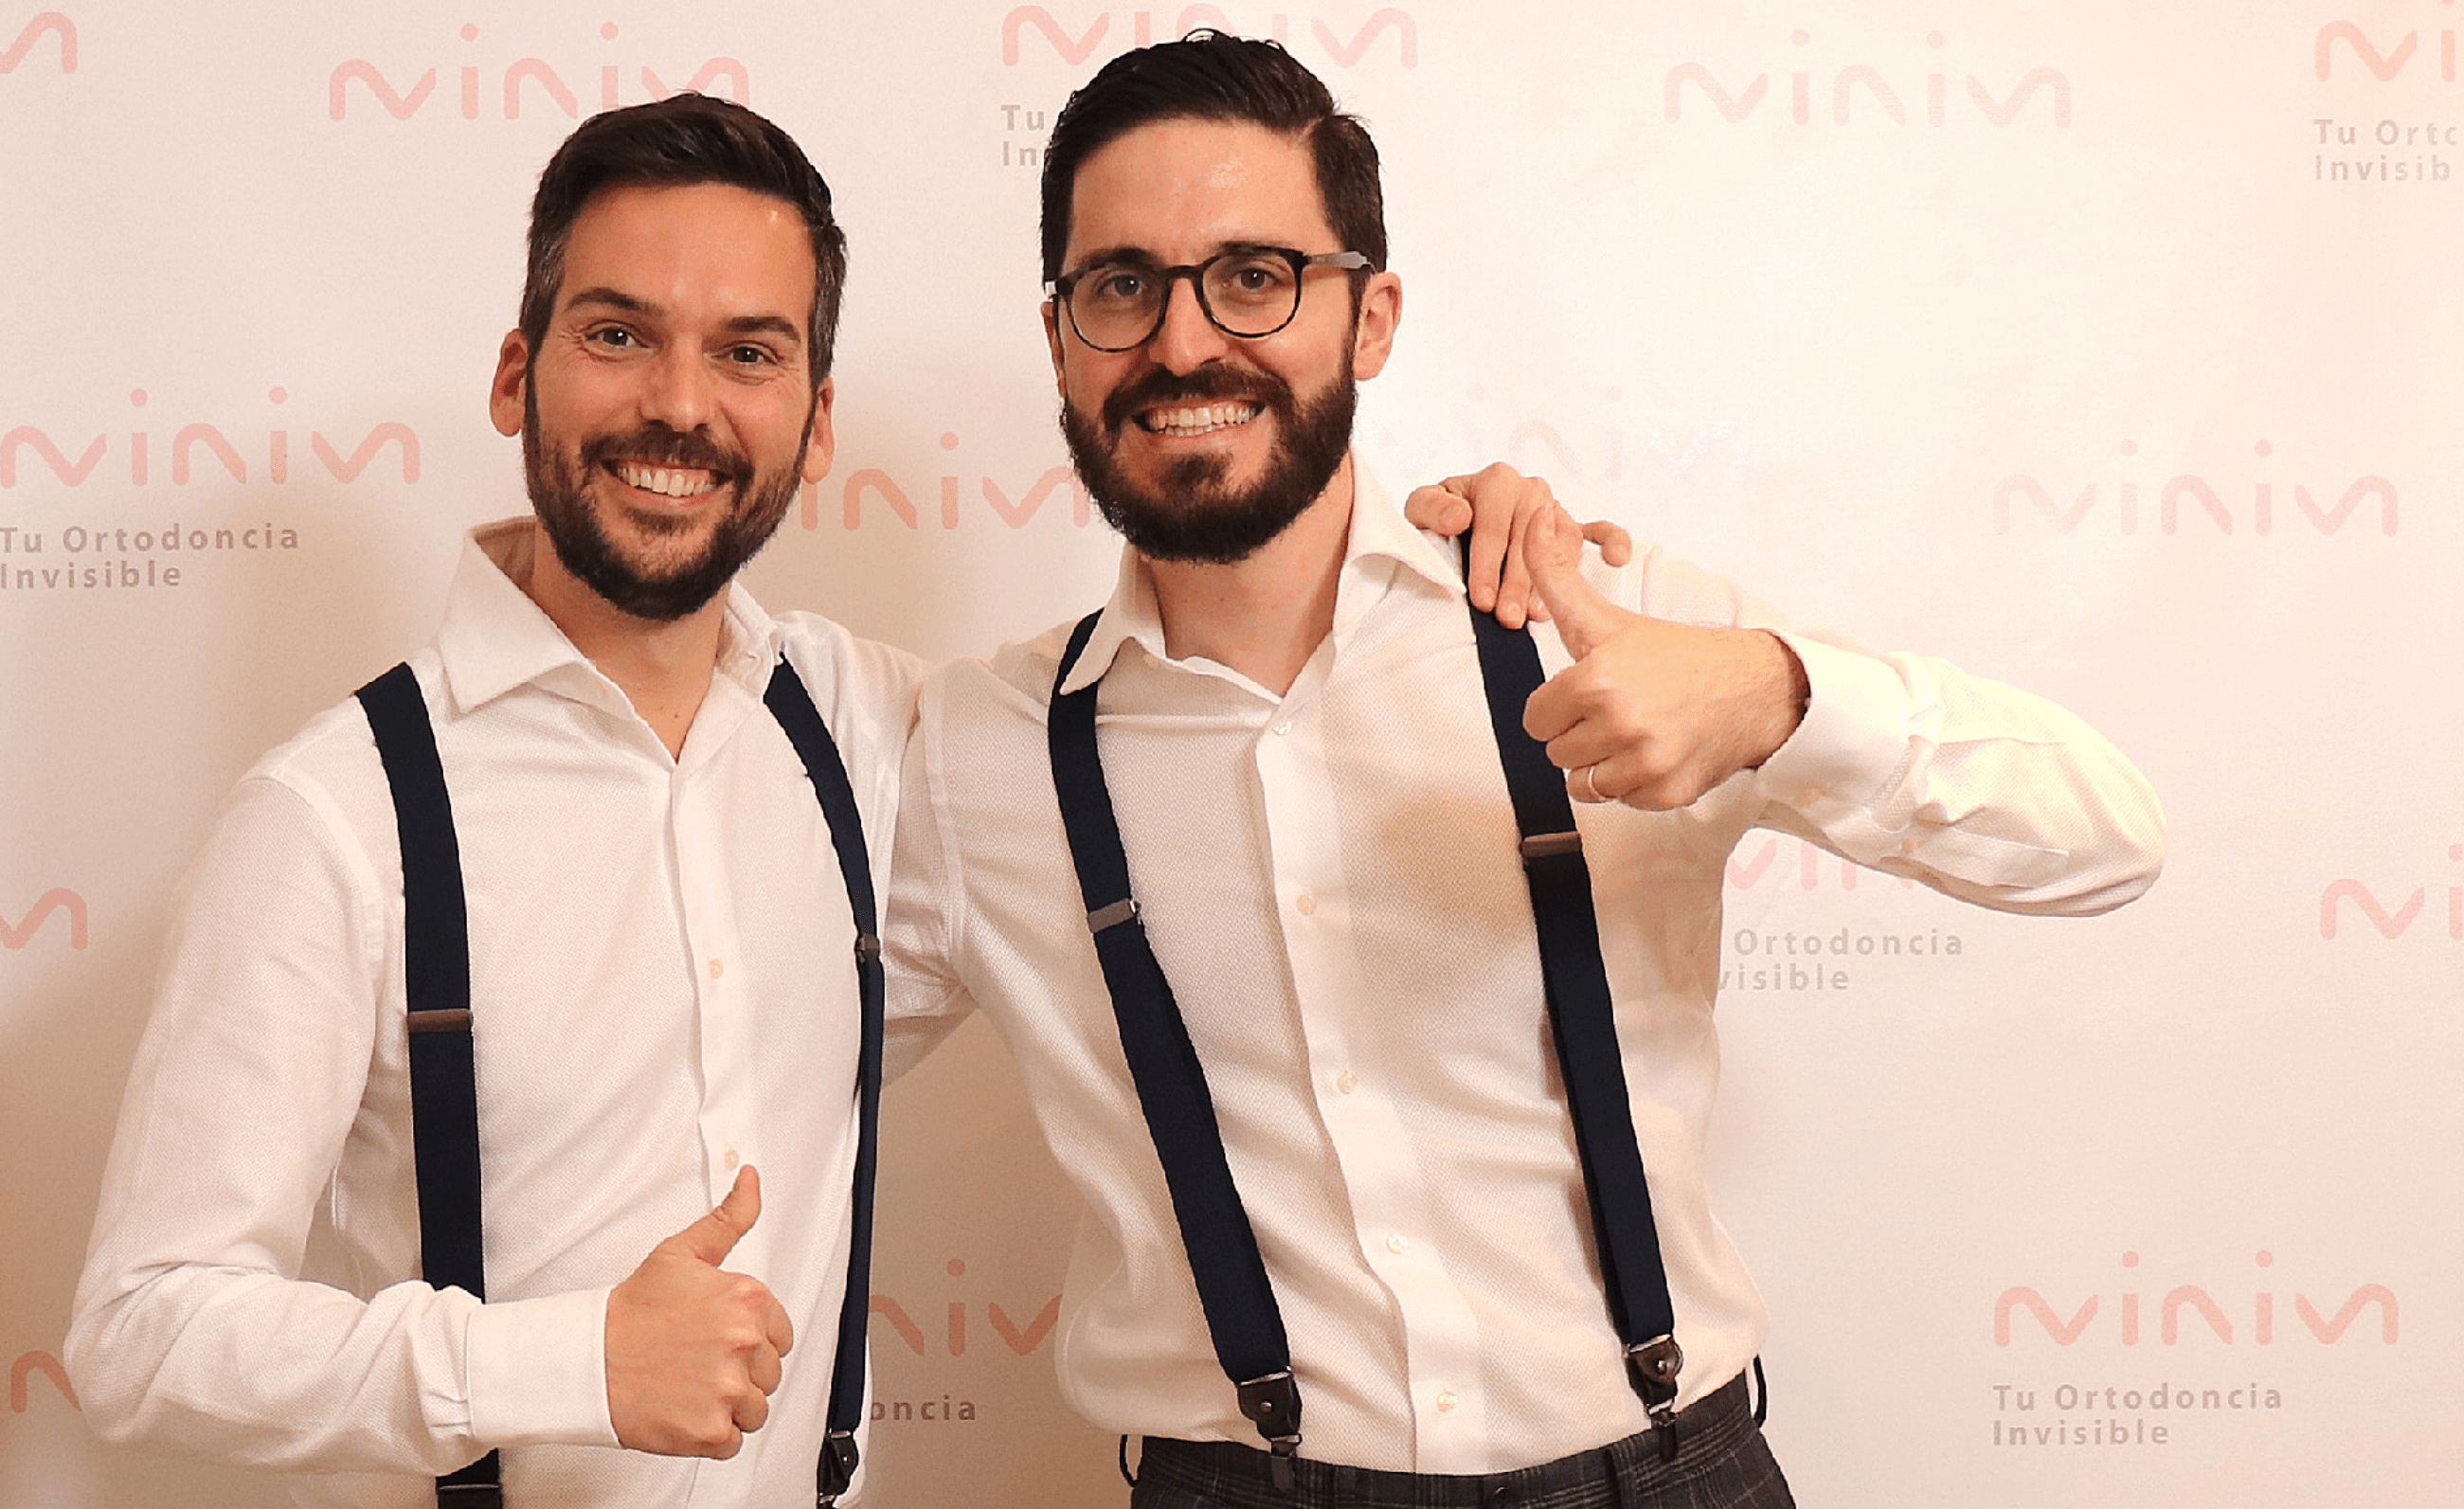 Héctor y Pablo celebrando la inauguración de MINIM, tu clínica especializada en ortodoncia invisible (Invisalign)